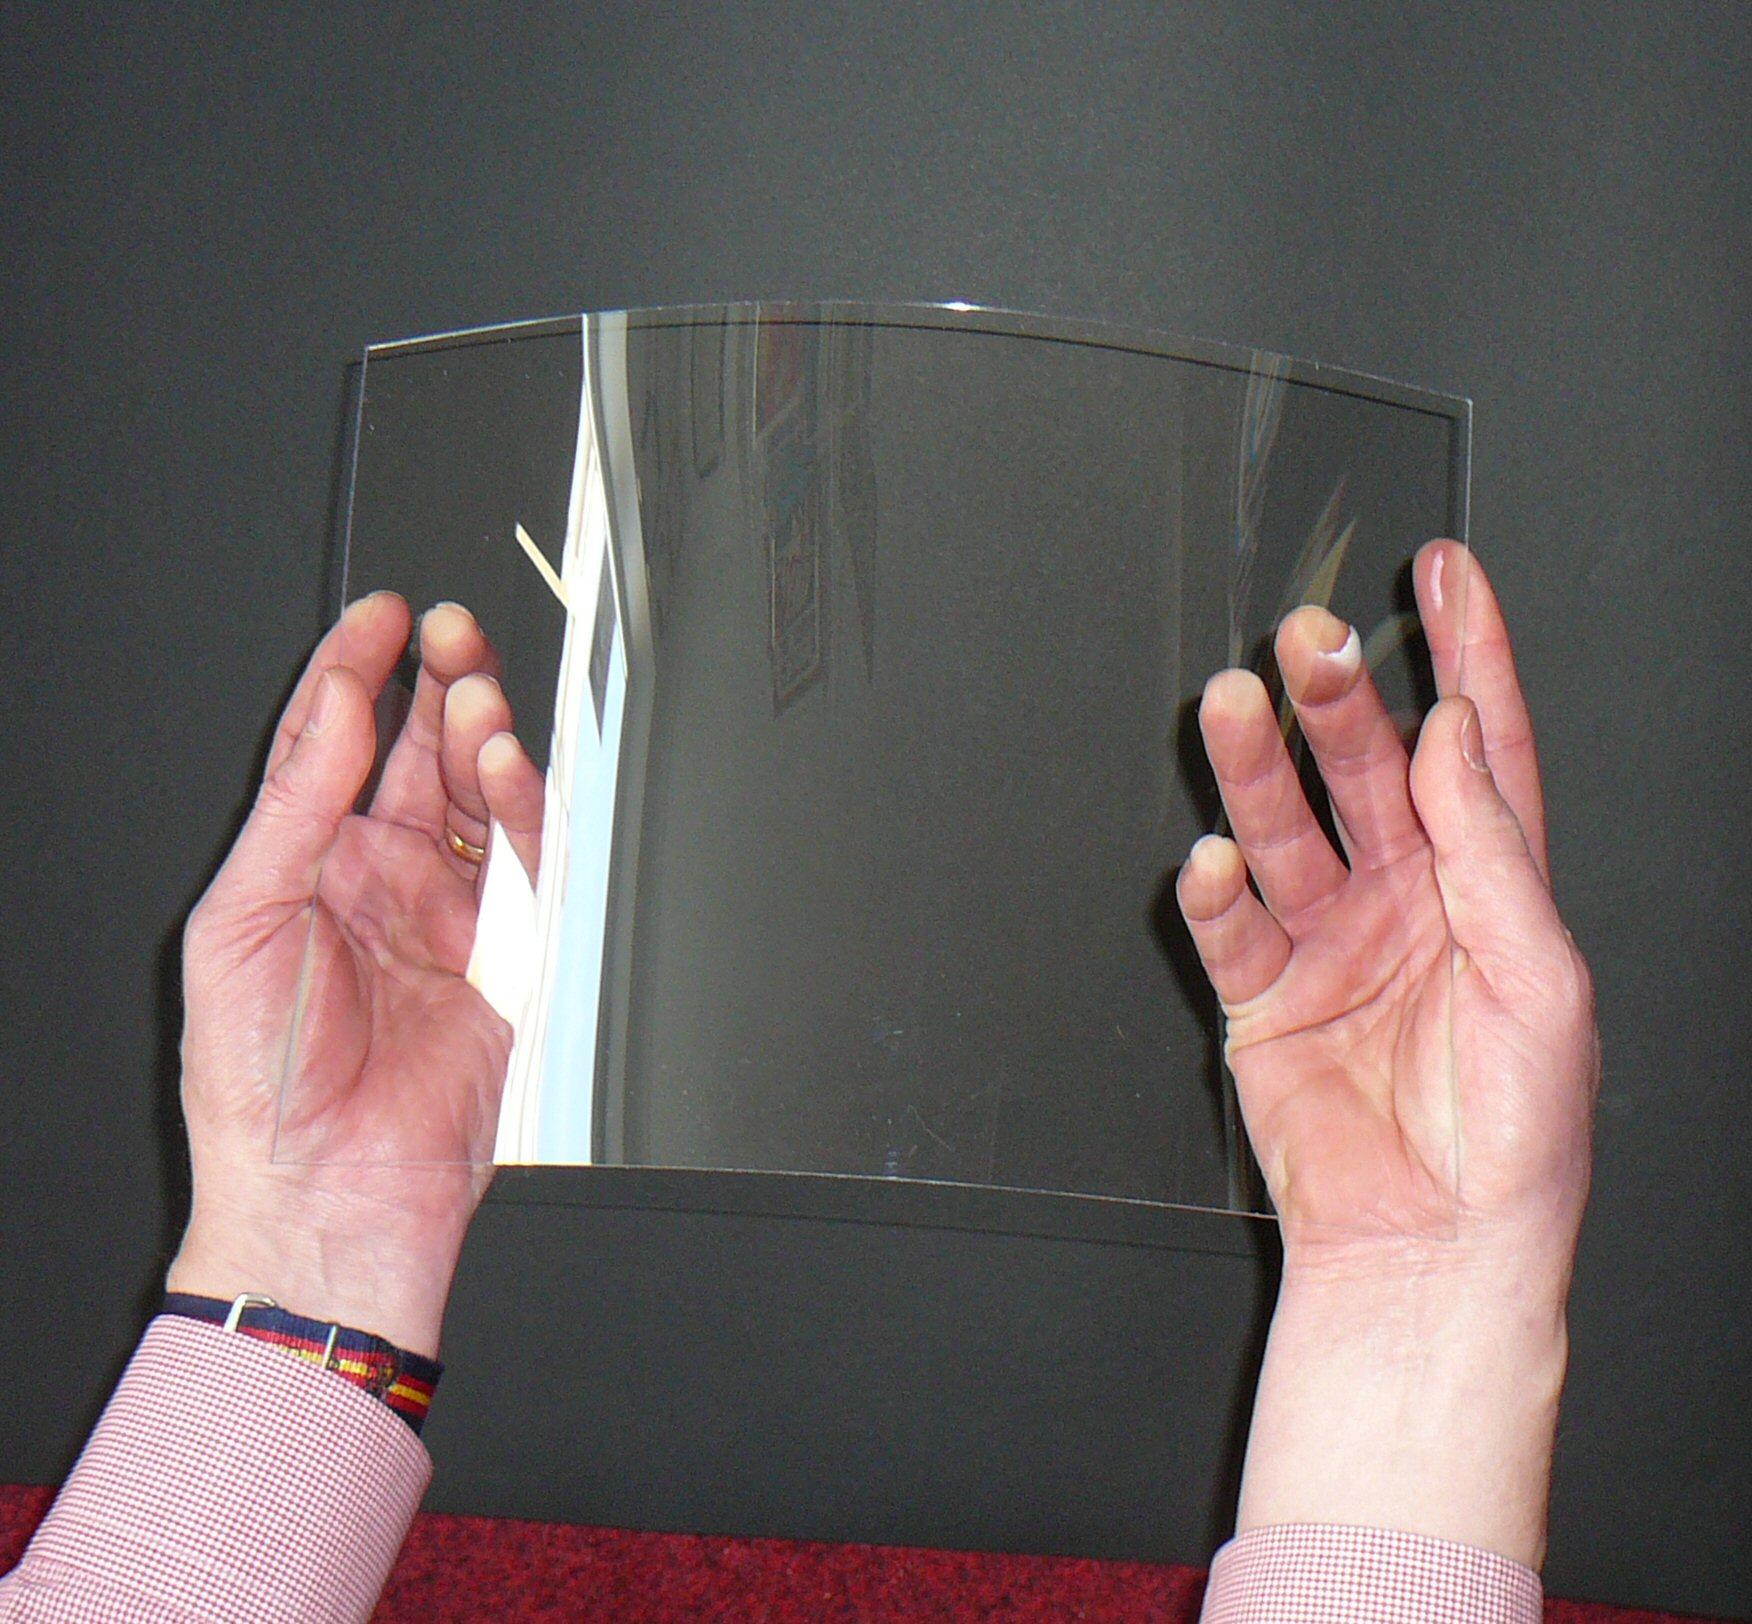 Bending Plastic Frame Glasses : Related Keywords & Suggestions for styrene frame